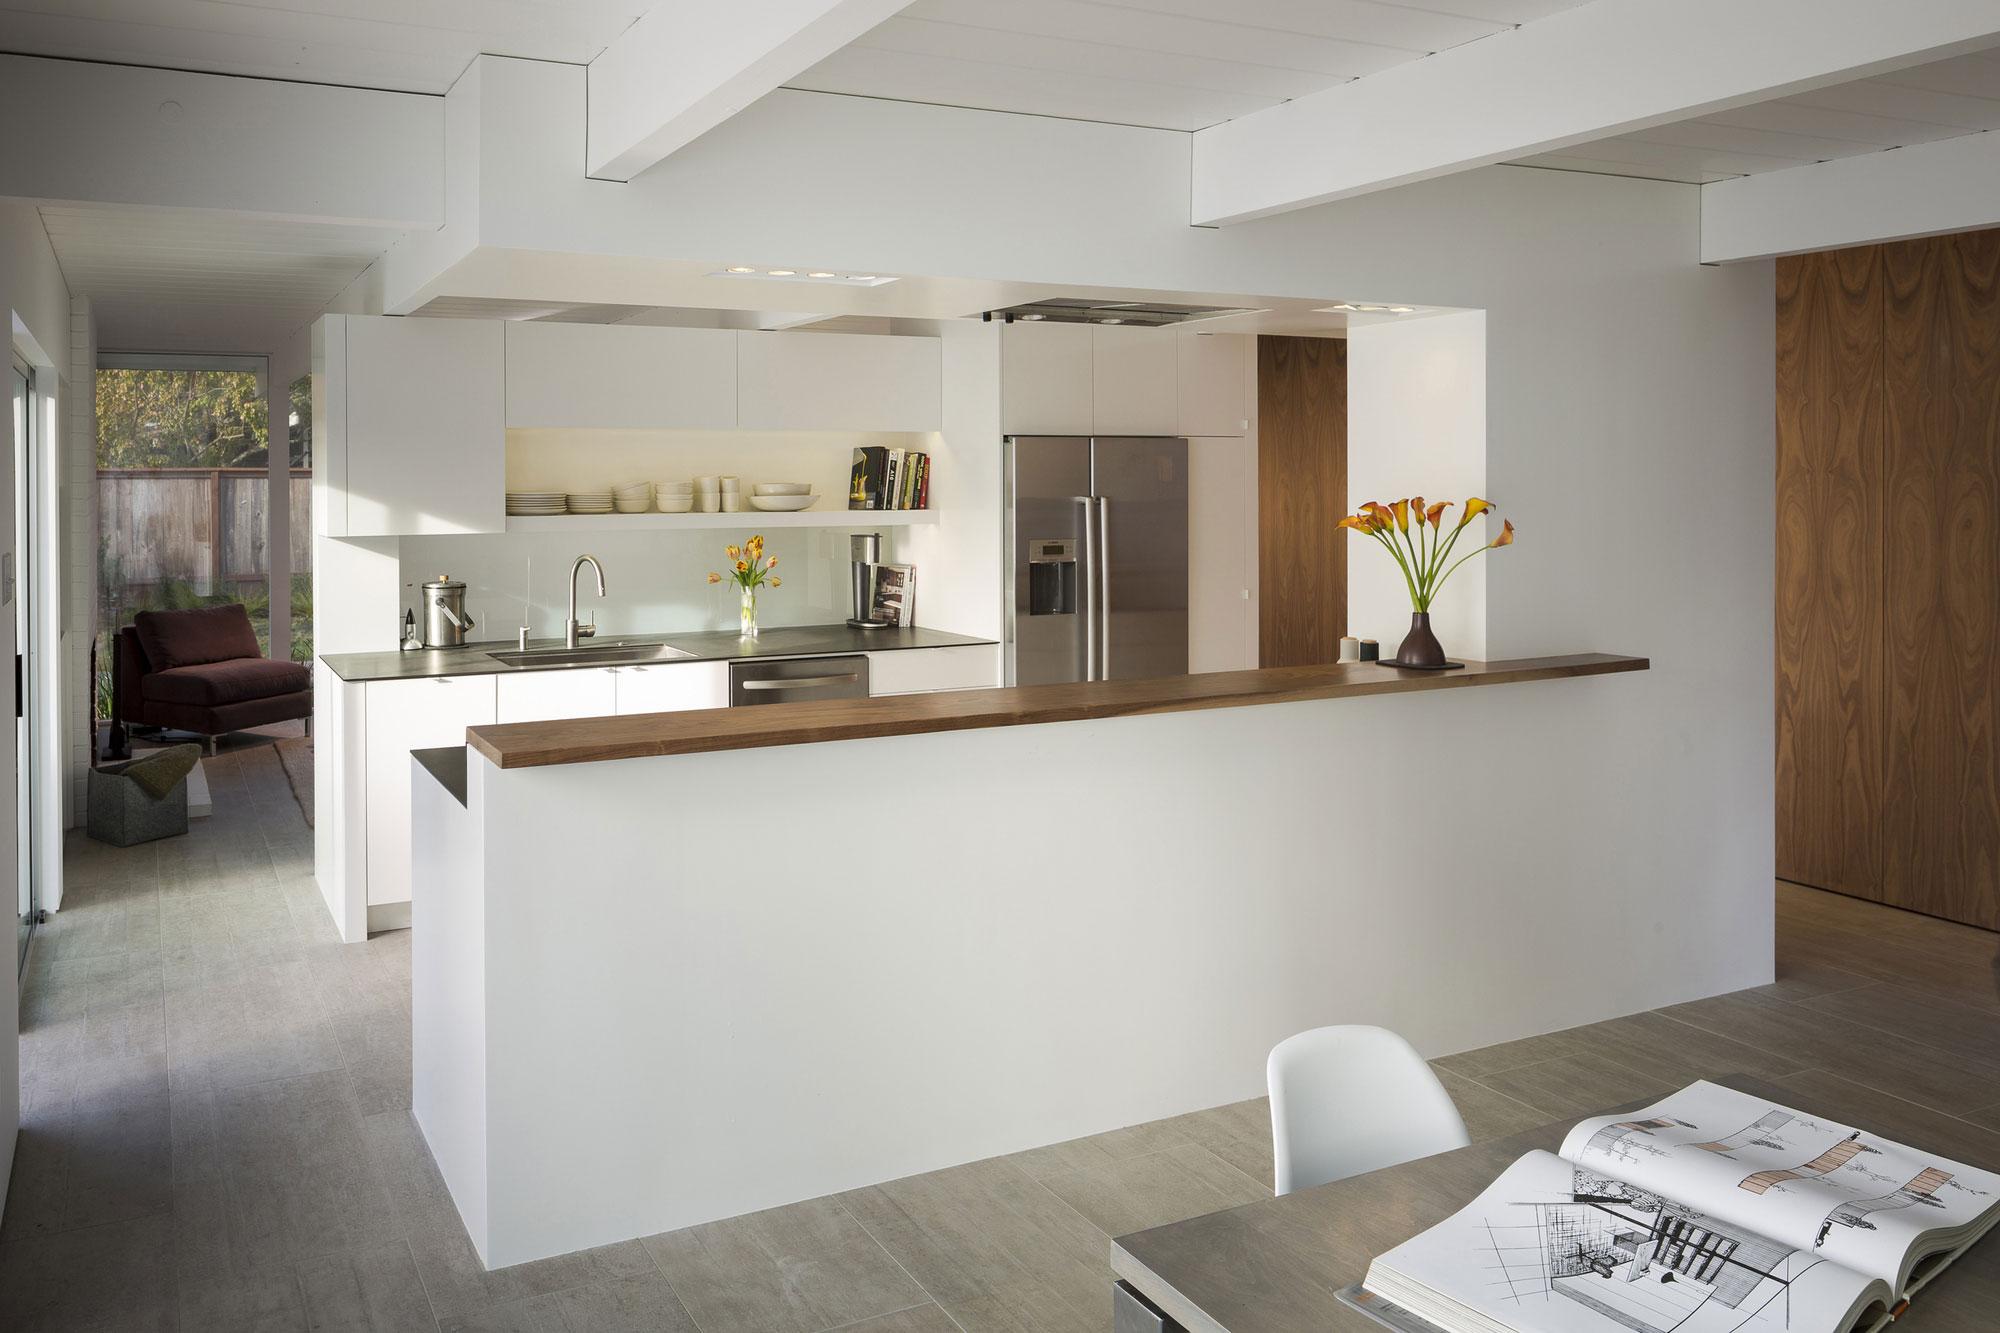 Перегородка между кухней и гостиной из гипсокартона